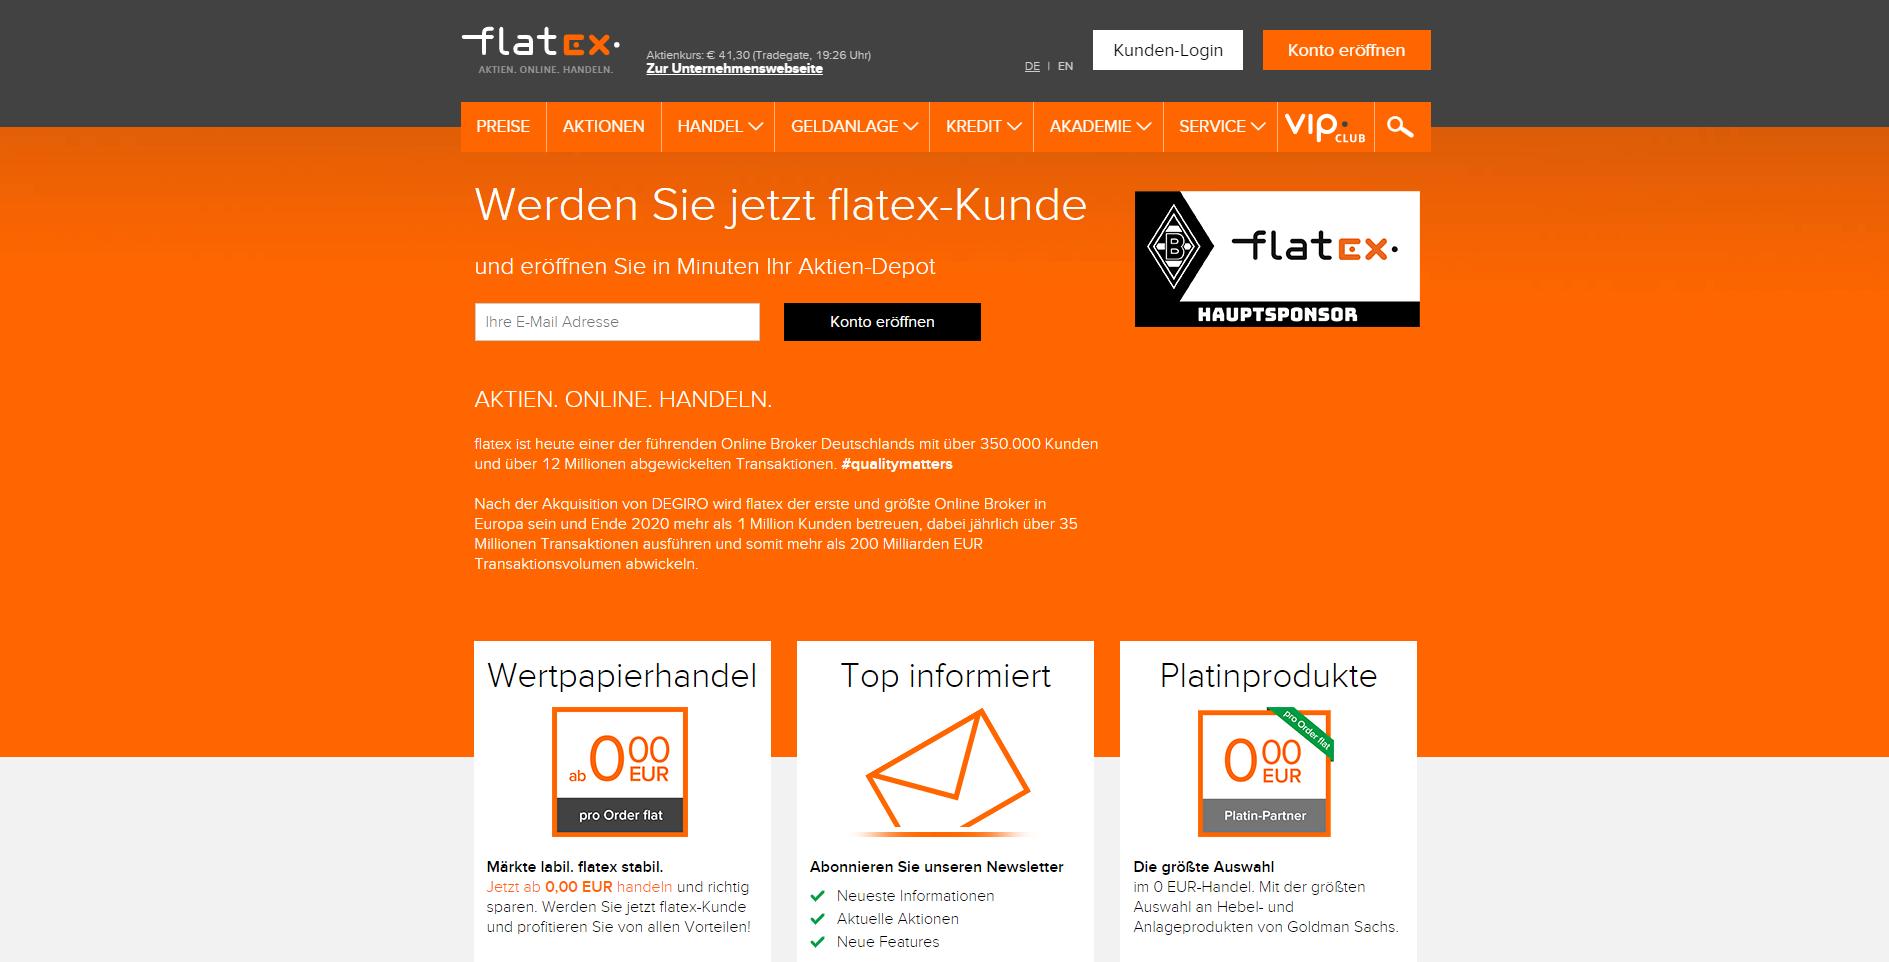 Webseite von Flatex